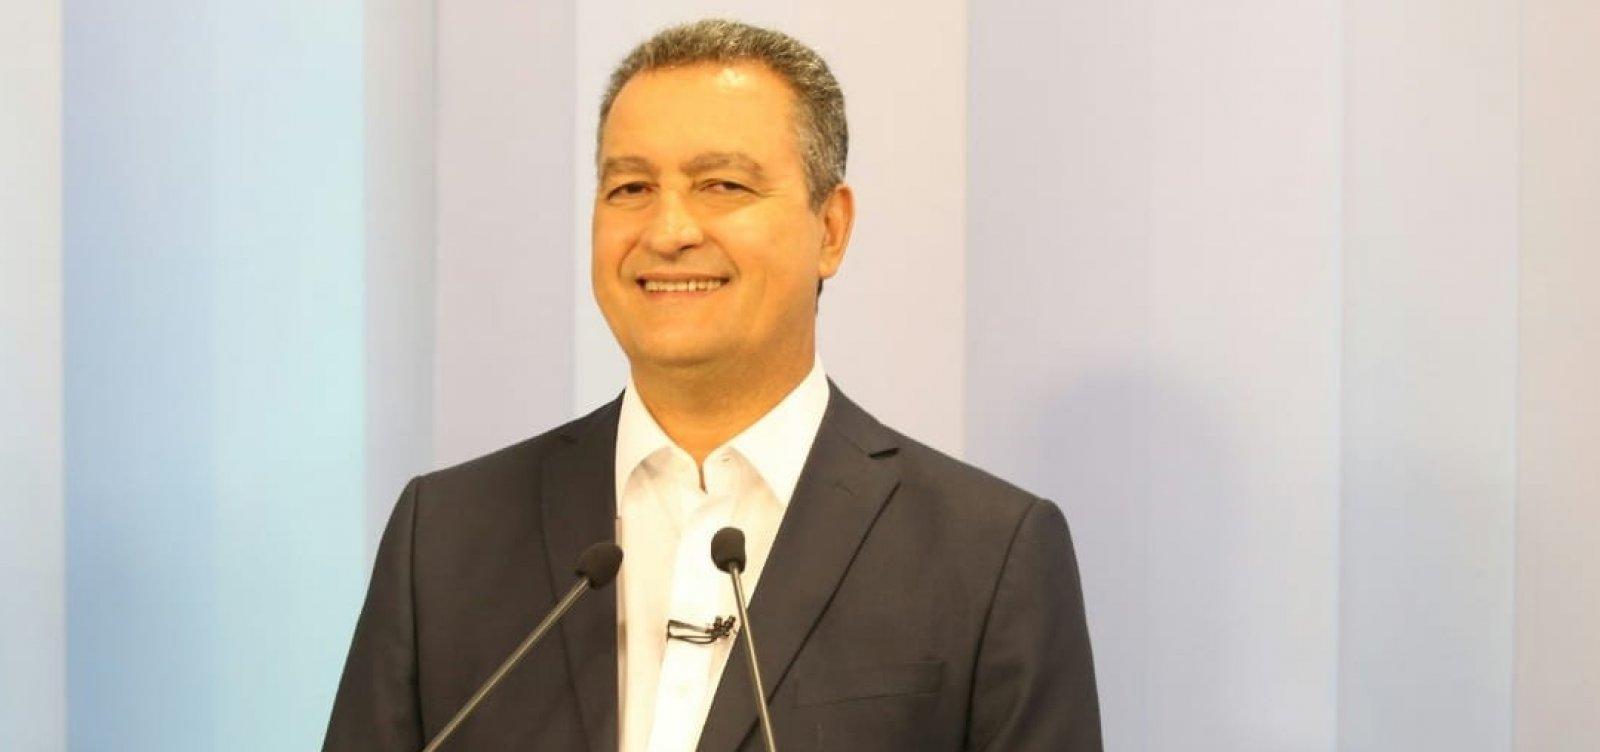 Debate na TV Bahia: para fugir de Ronaldo e Santana, Rui faz dobradinha com candidato de Bolsonaro